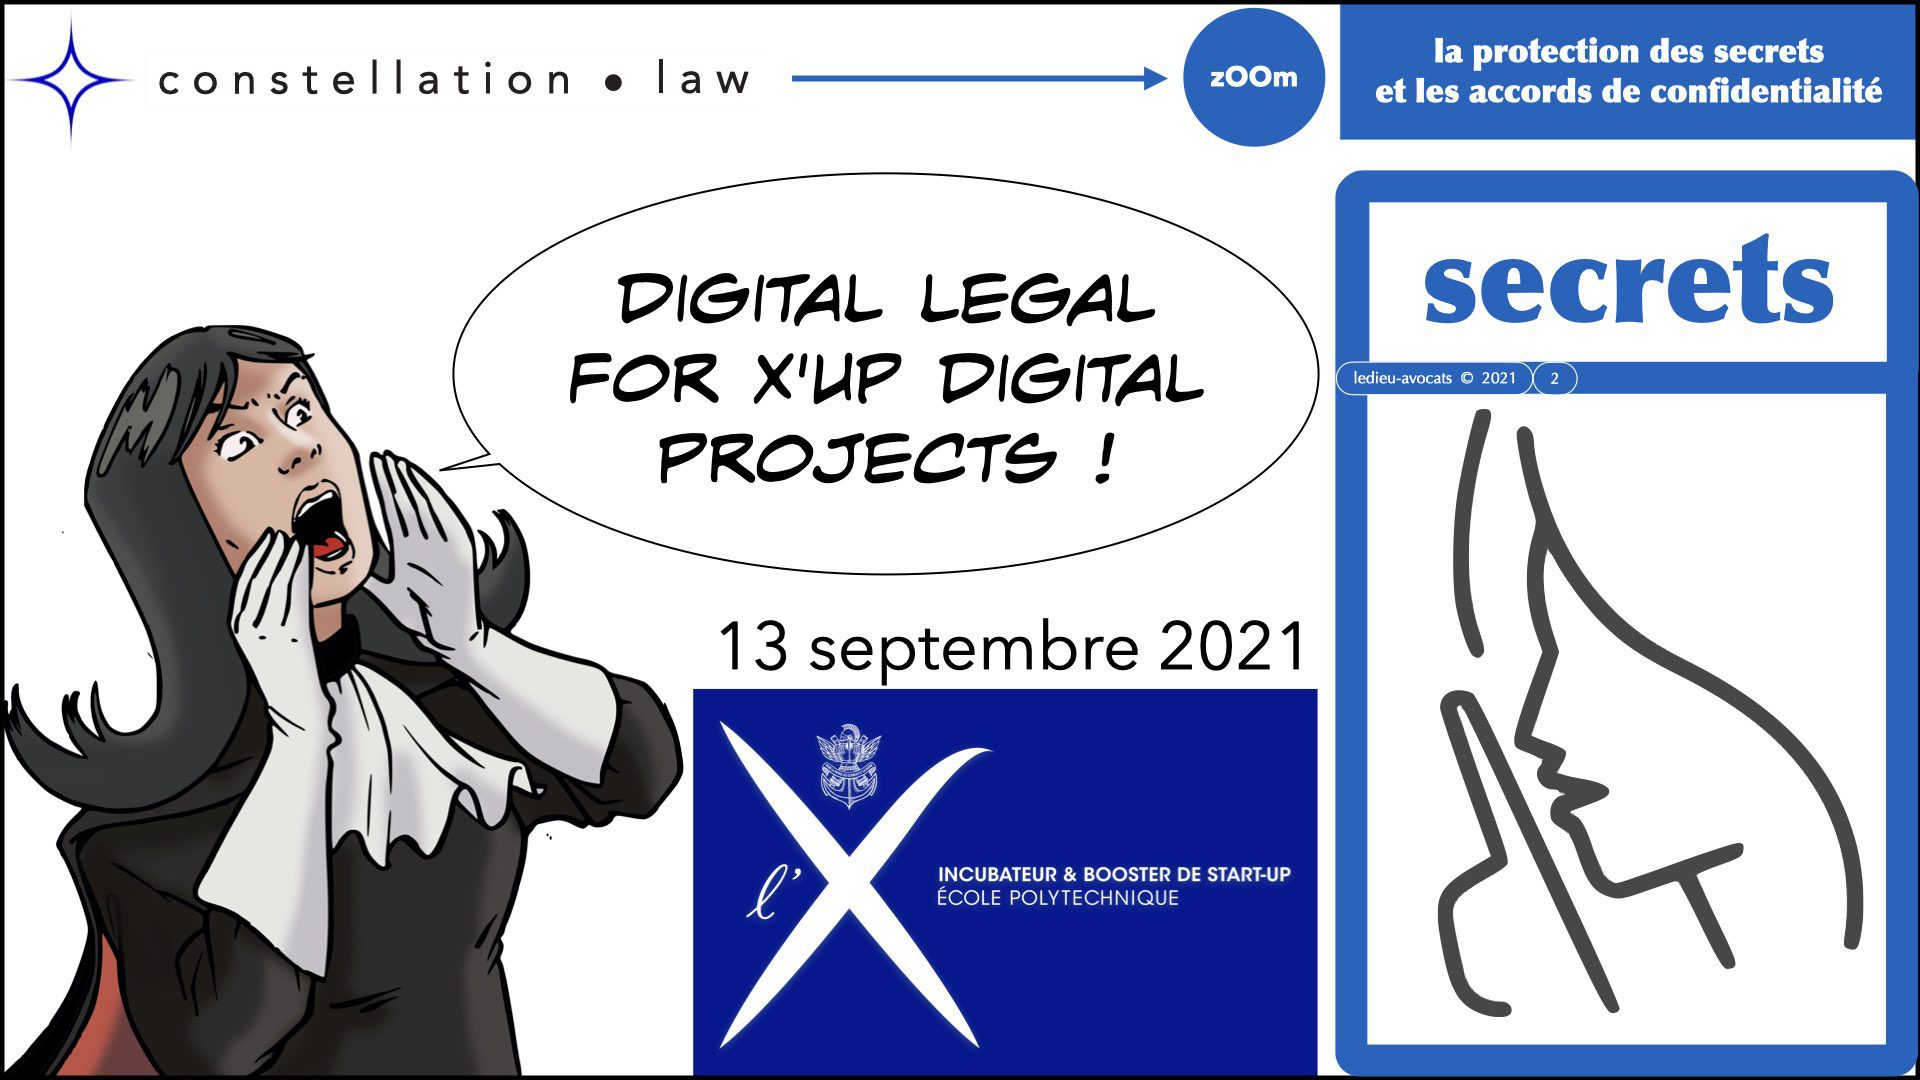 #346 zOOm X'UP SECRET d'affaire confidentialité non disclosure NDA © Ledieu Avocats technique droit numerique BLOG en BD 12-09-2021.002